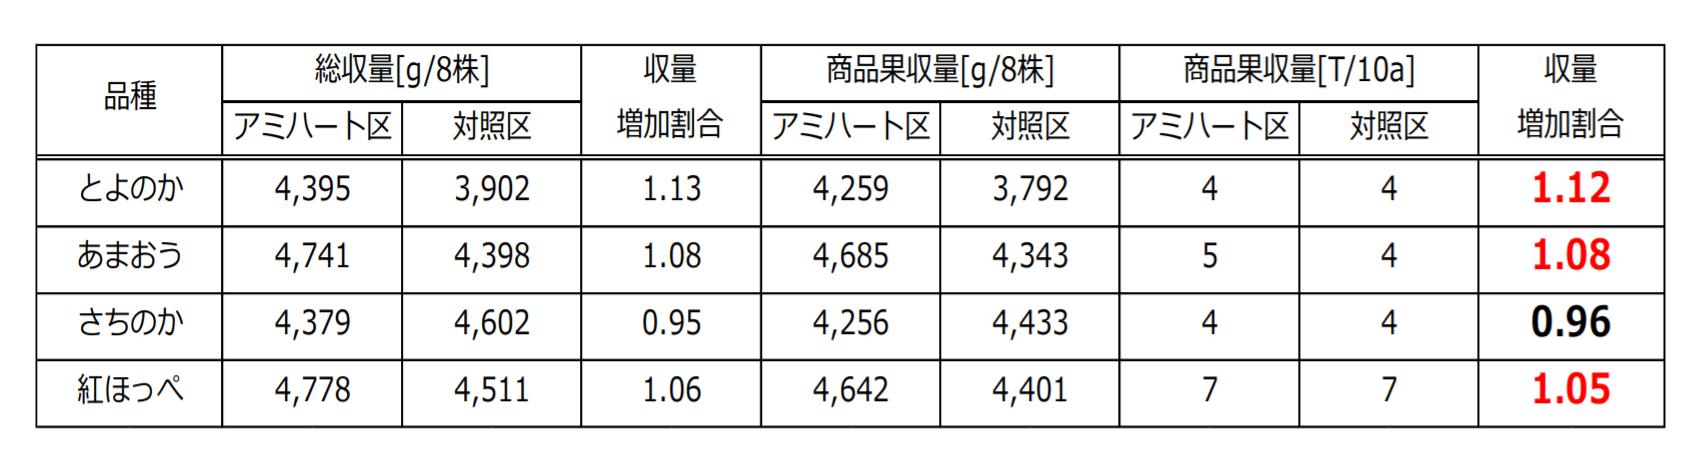 イチゴの収量差の表